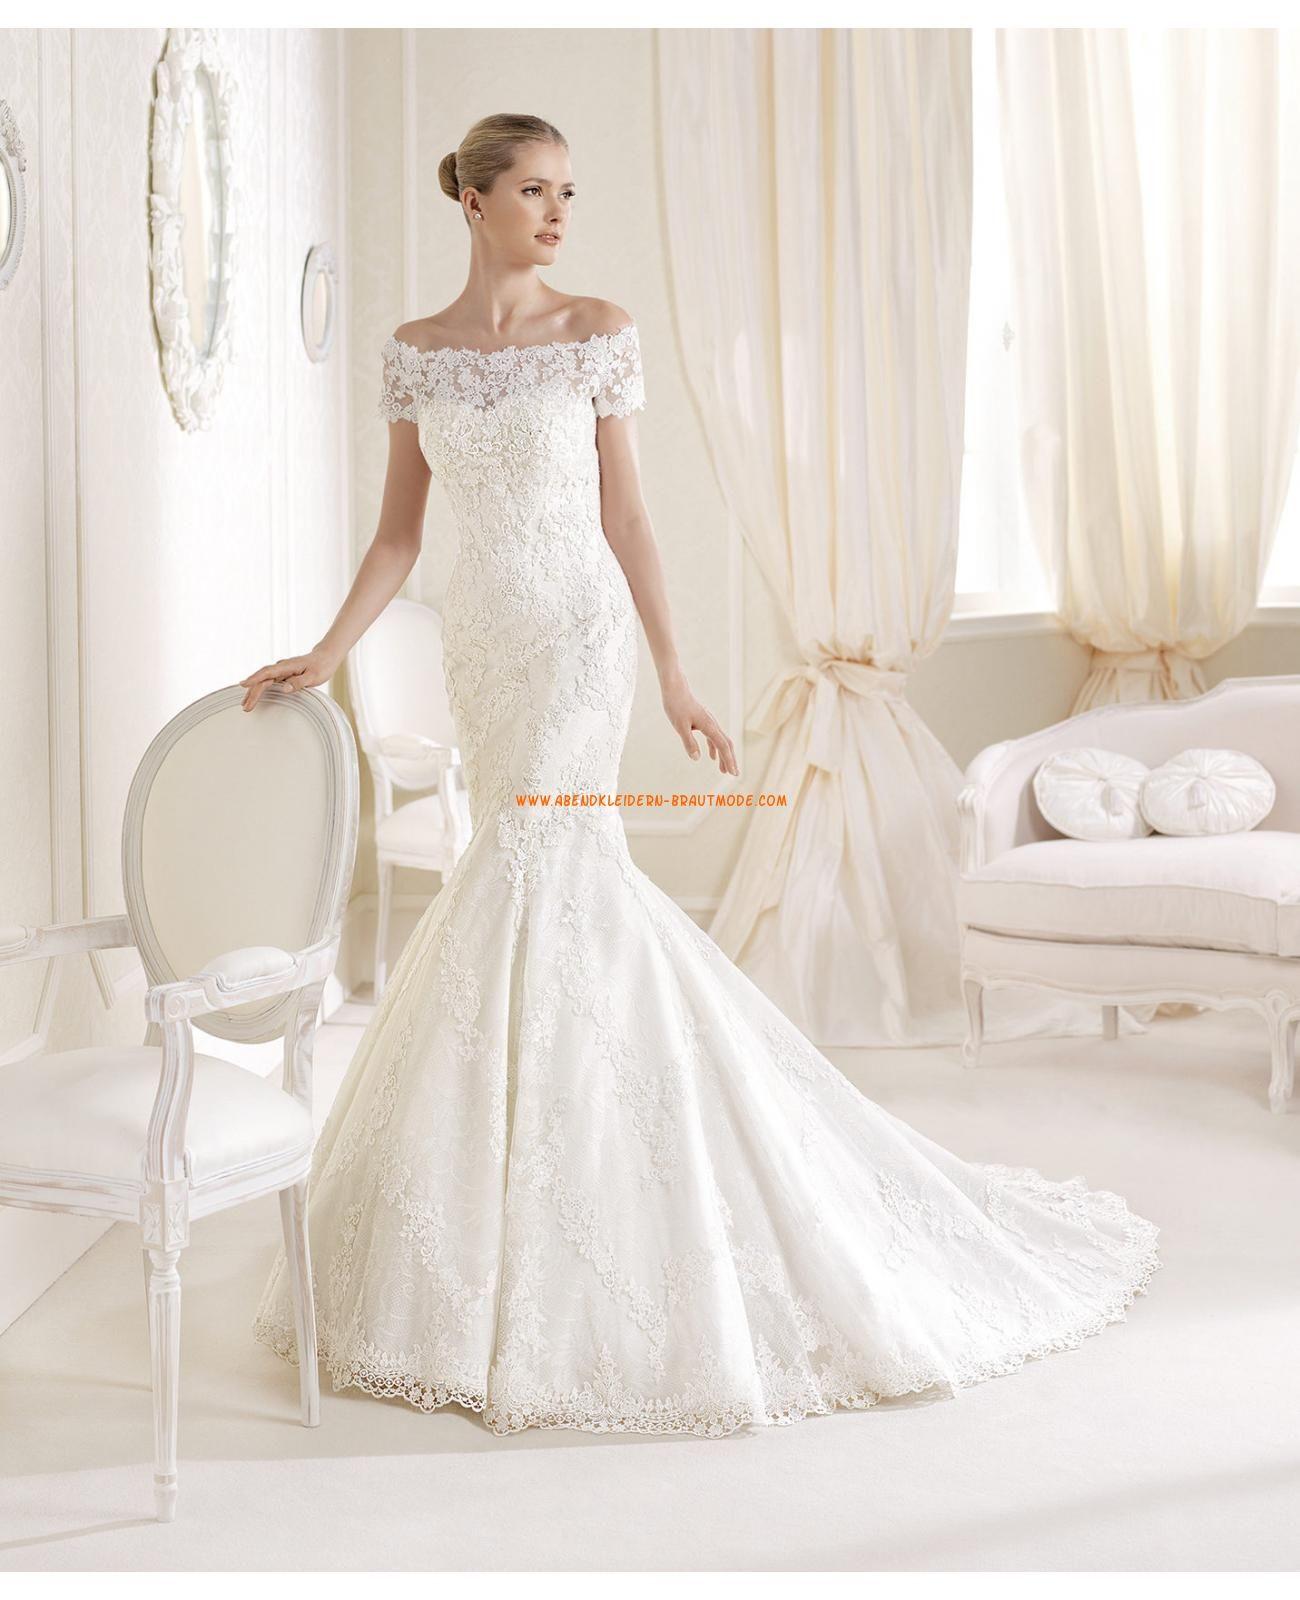 Verschiedene Hochzeitskleider - Tipps 2015 | Kleider 2015 ...